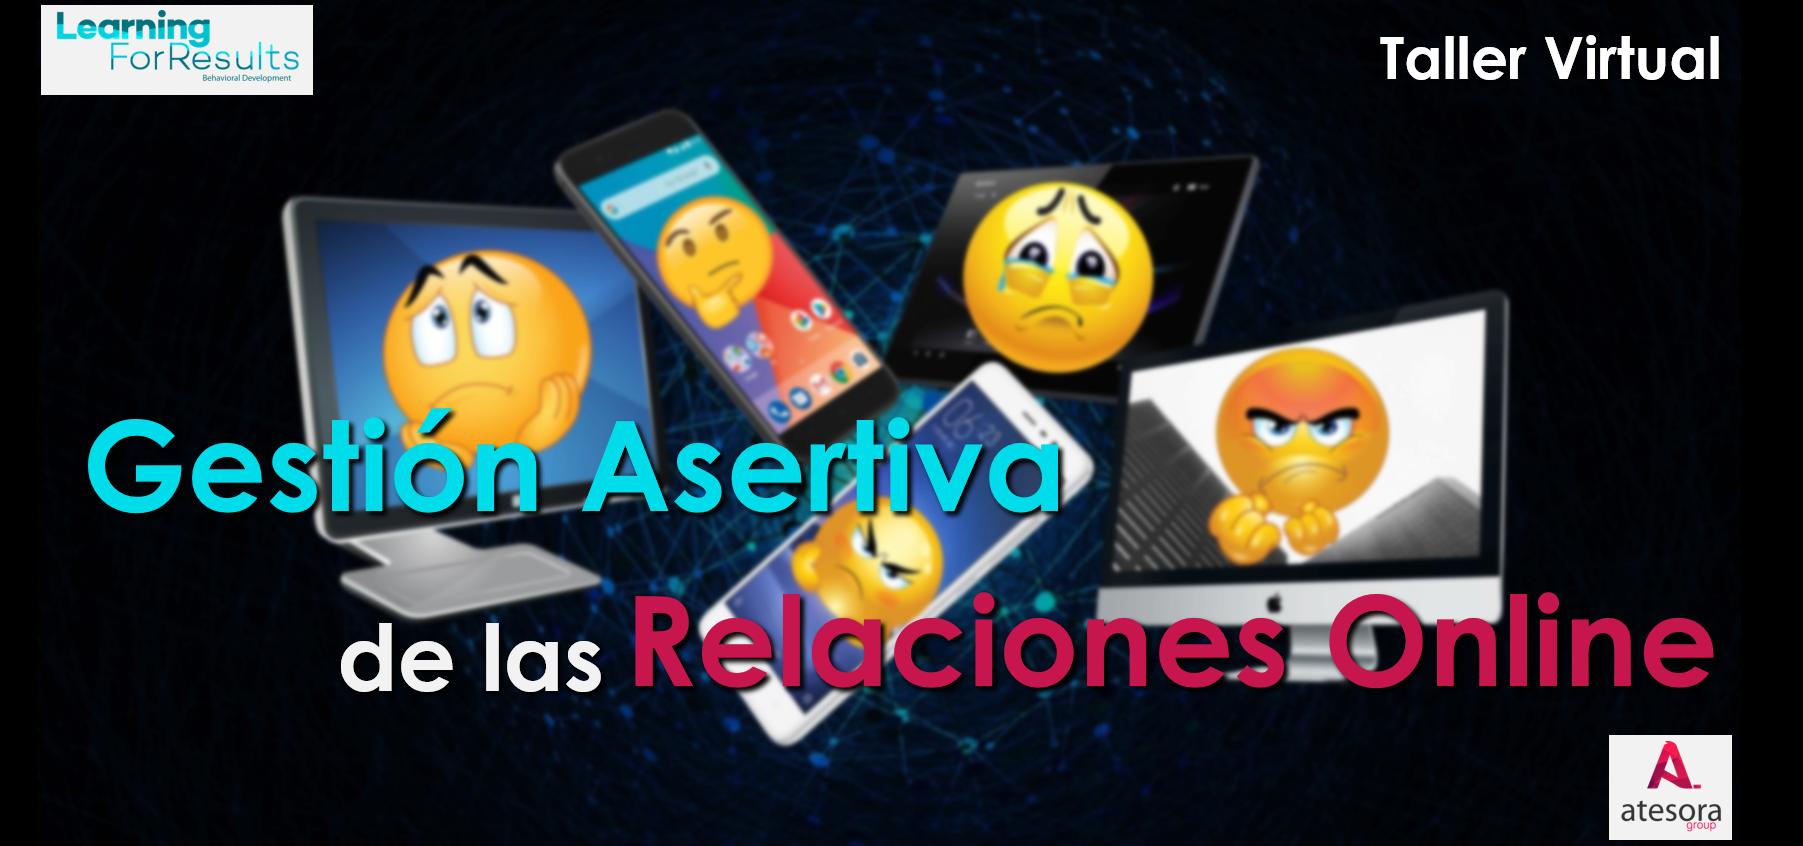 Presentación minitaller virtual gestión asertiva de las relaciones online Mantén sana tu red de comunicaciones Atesora Group Learning For Results